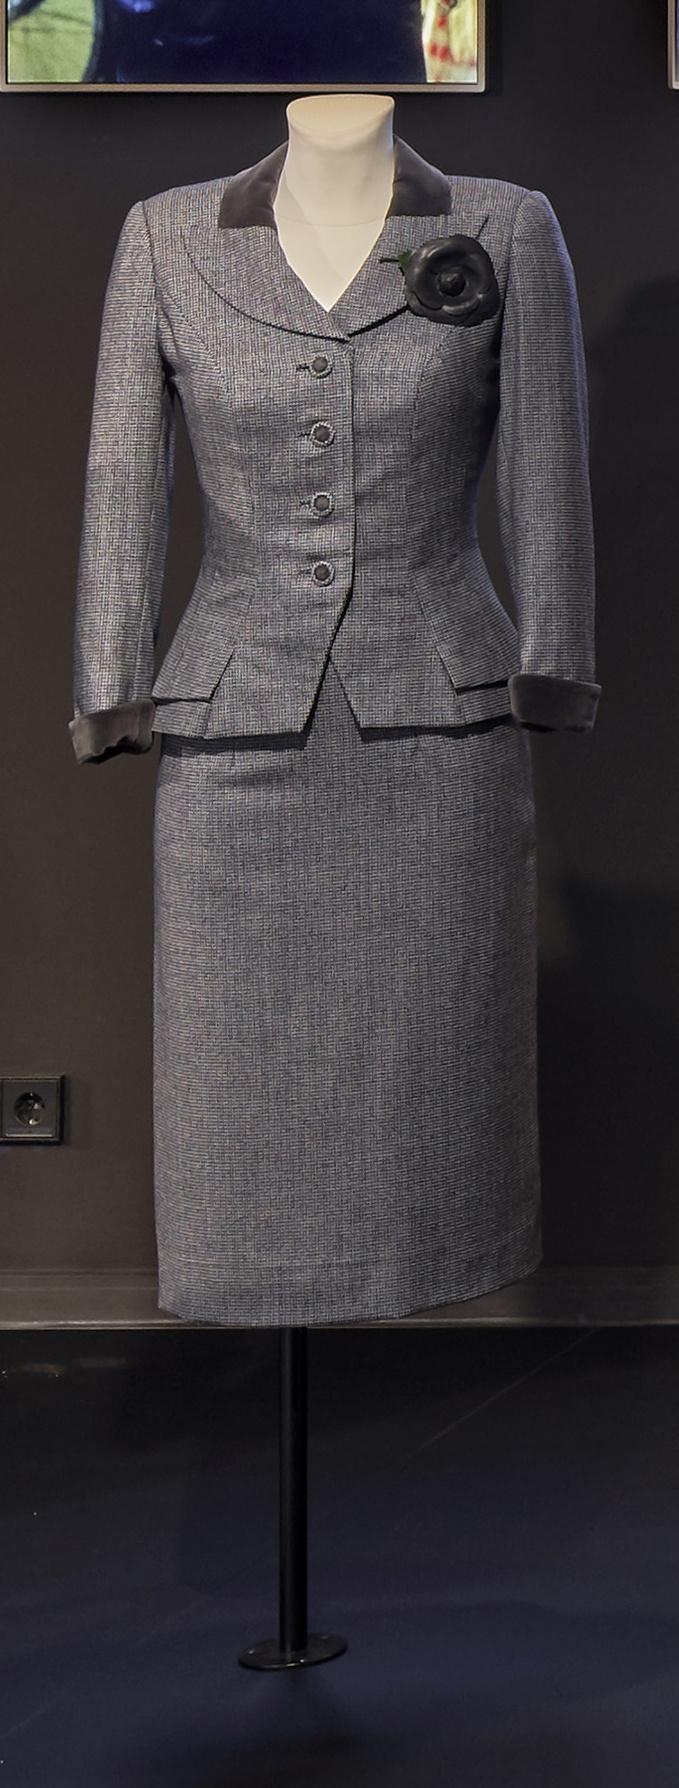 Die Ehe der Maria Braun: Pepita-Kostüm und Strohhut mit Tüllschleier für Hanna Schygulla in ihrer Rolle als Maria Braun